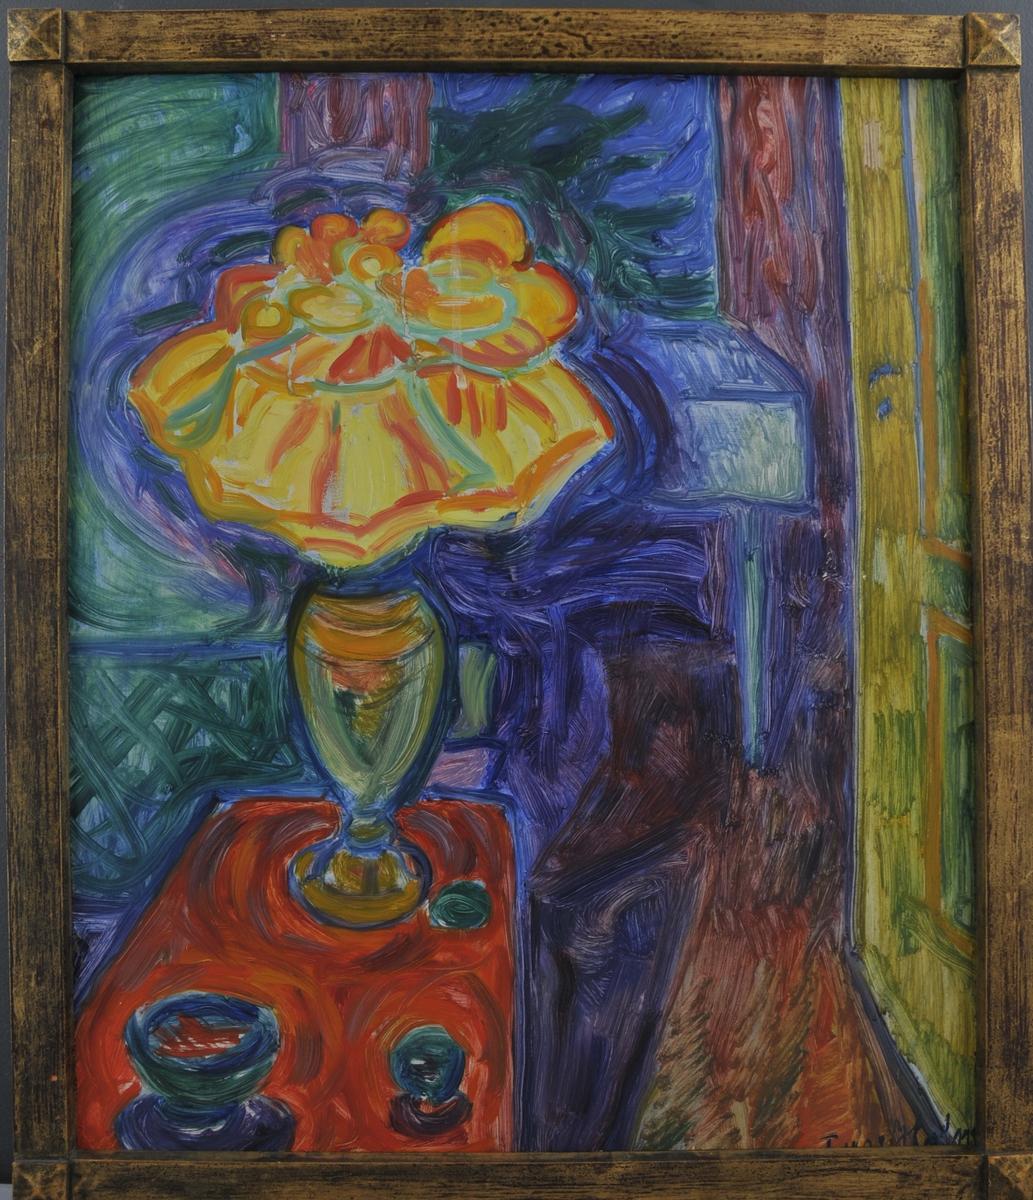 Interiør, med eit bord i framgrunnen med gule blomar i ein blomstervase, oppå.